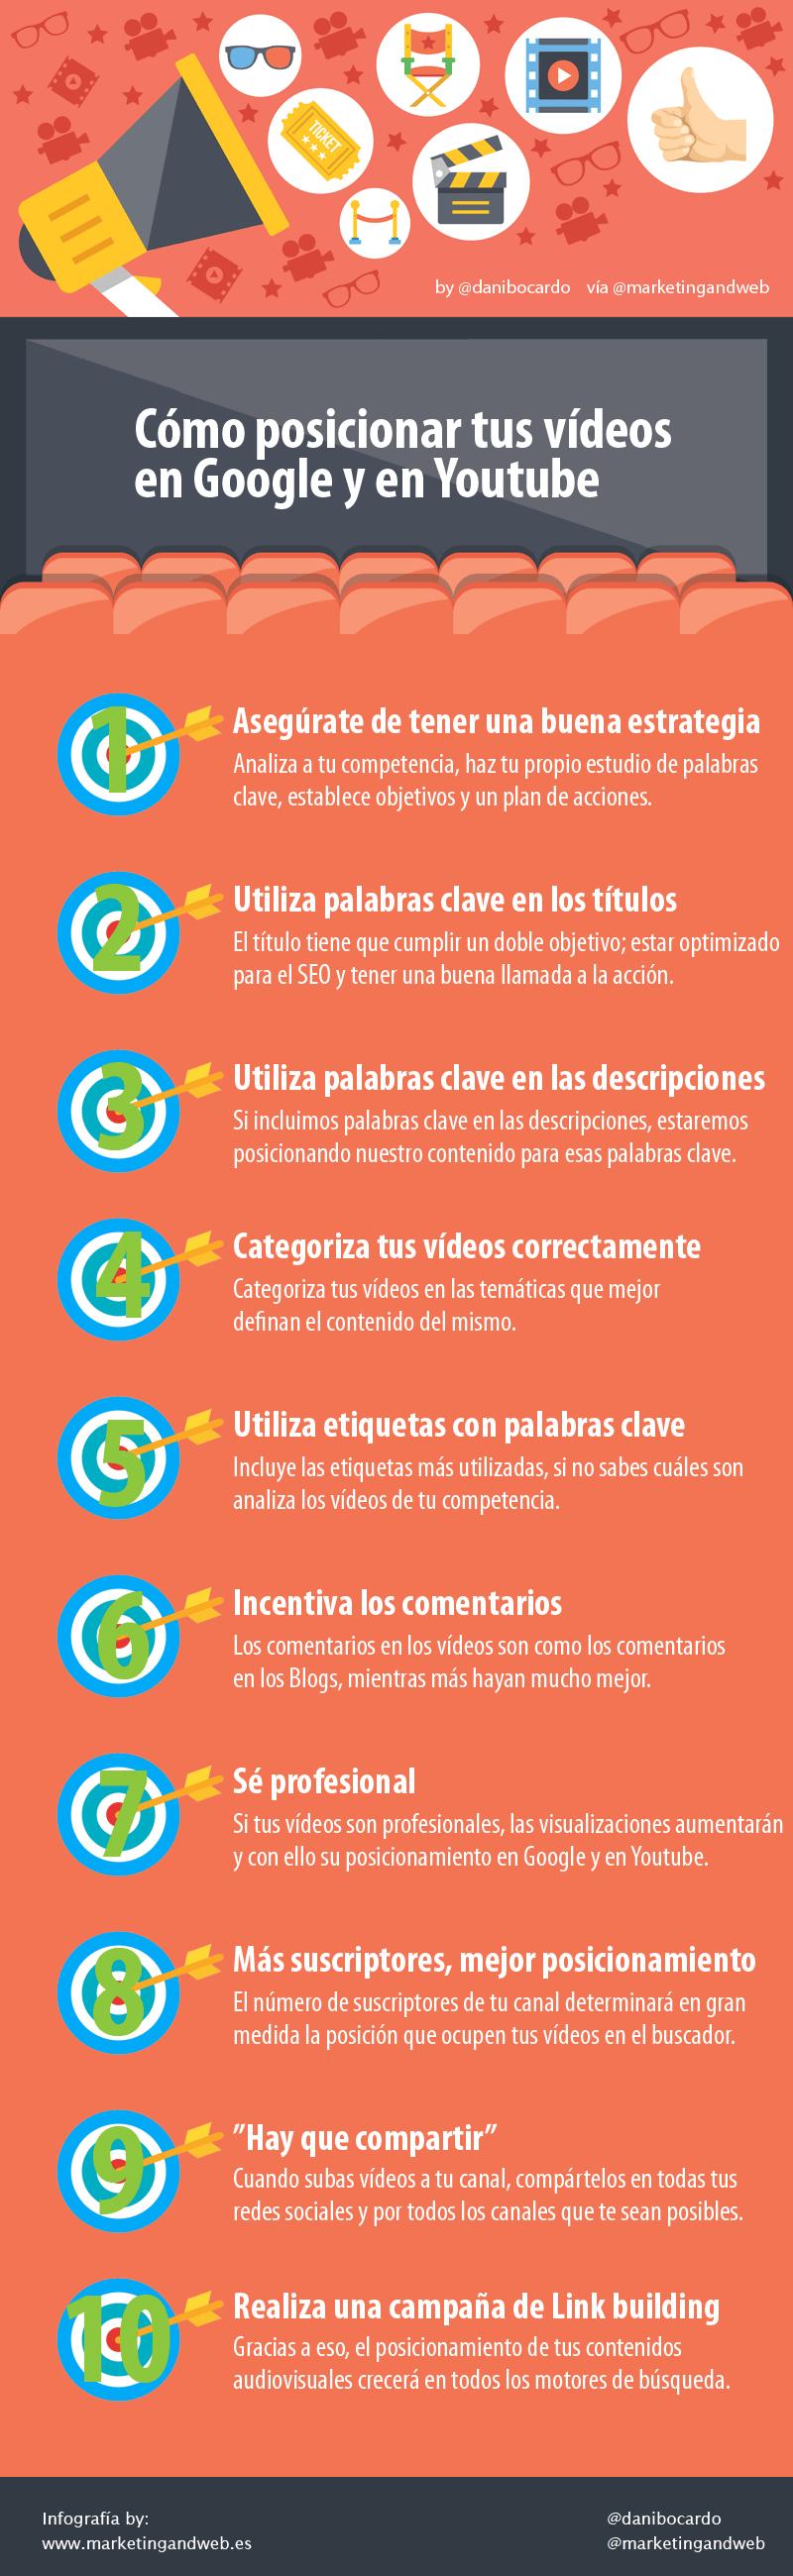 Cómo posicionar tus vídeos en YouTube y Google